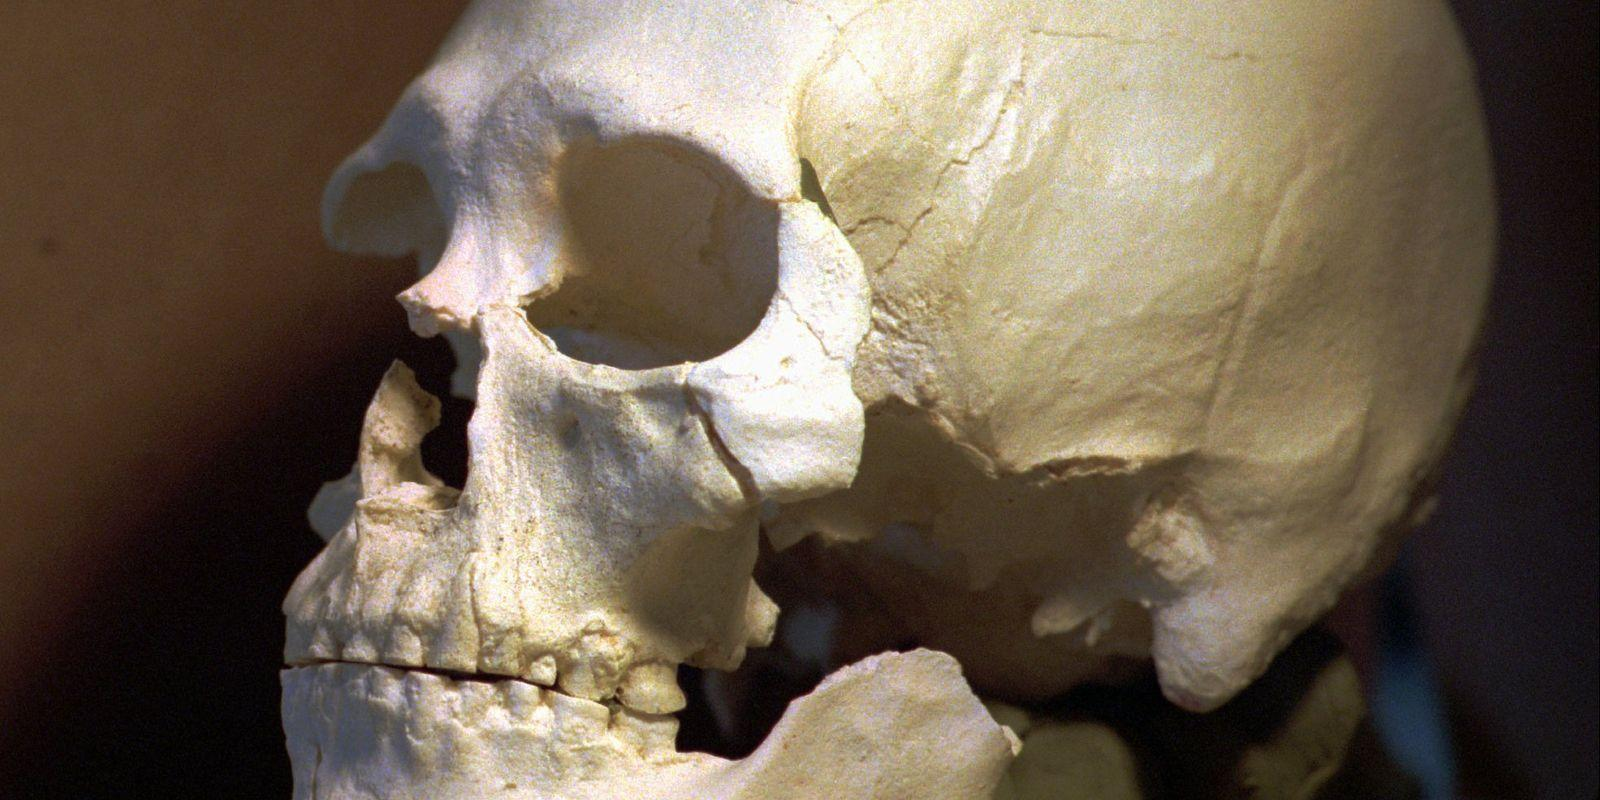 геном кенневикского человека указал на его родство с коренными американцами